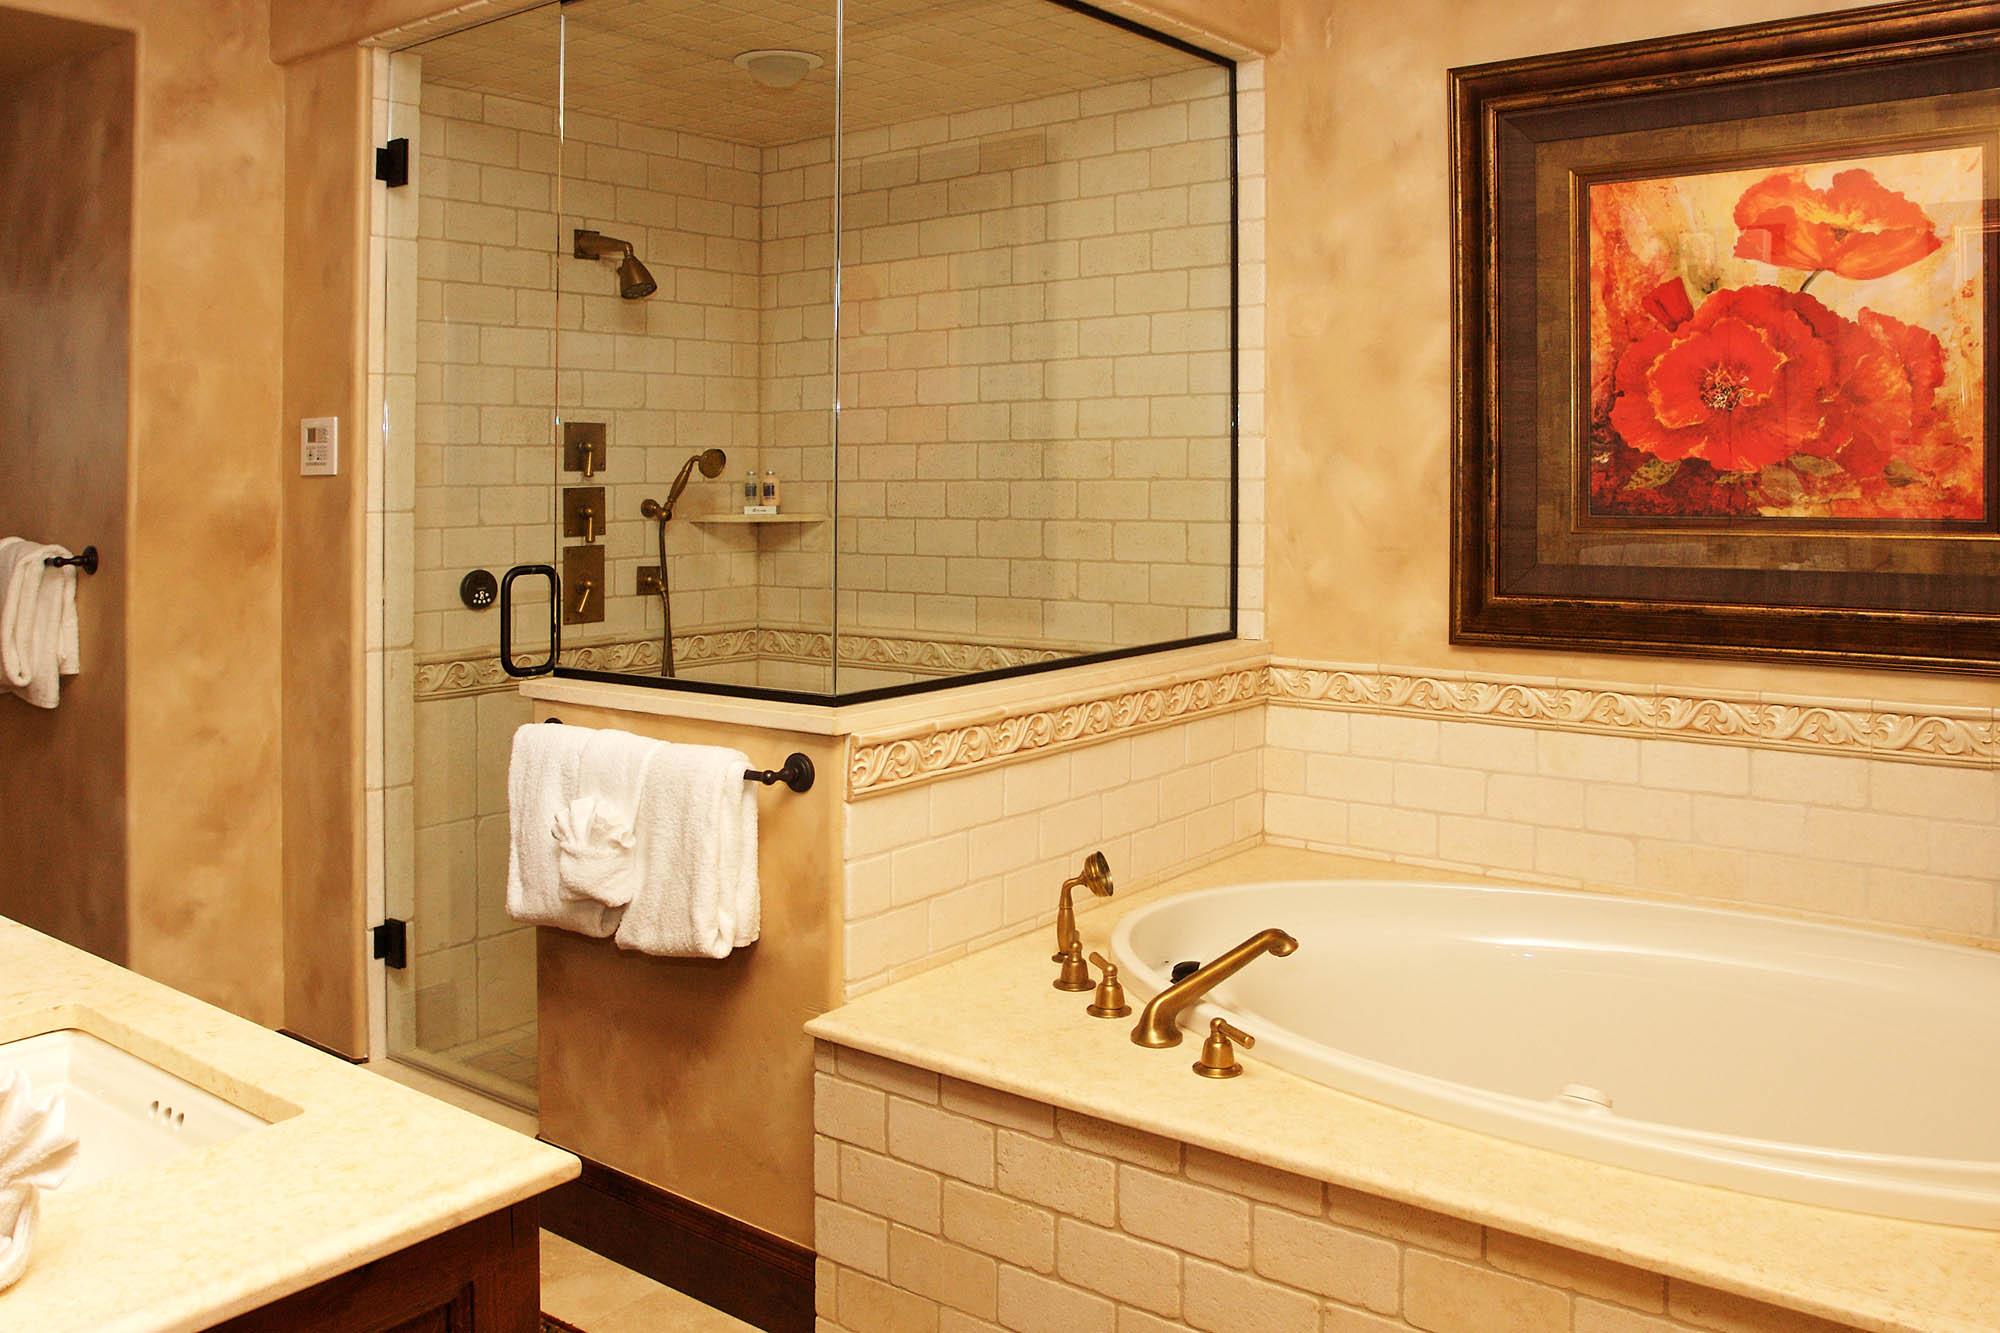 15WesthavenBathroom.jpg